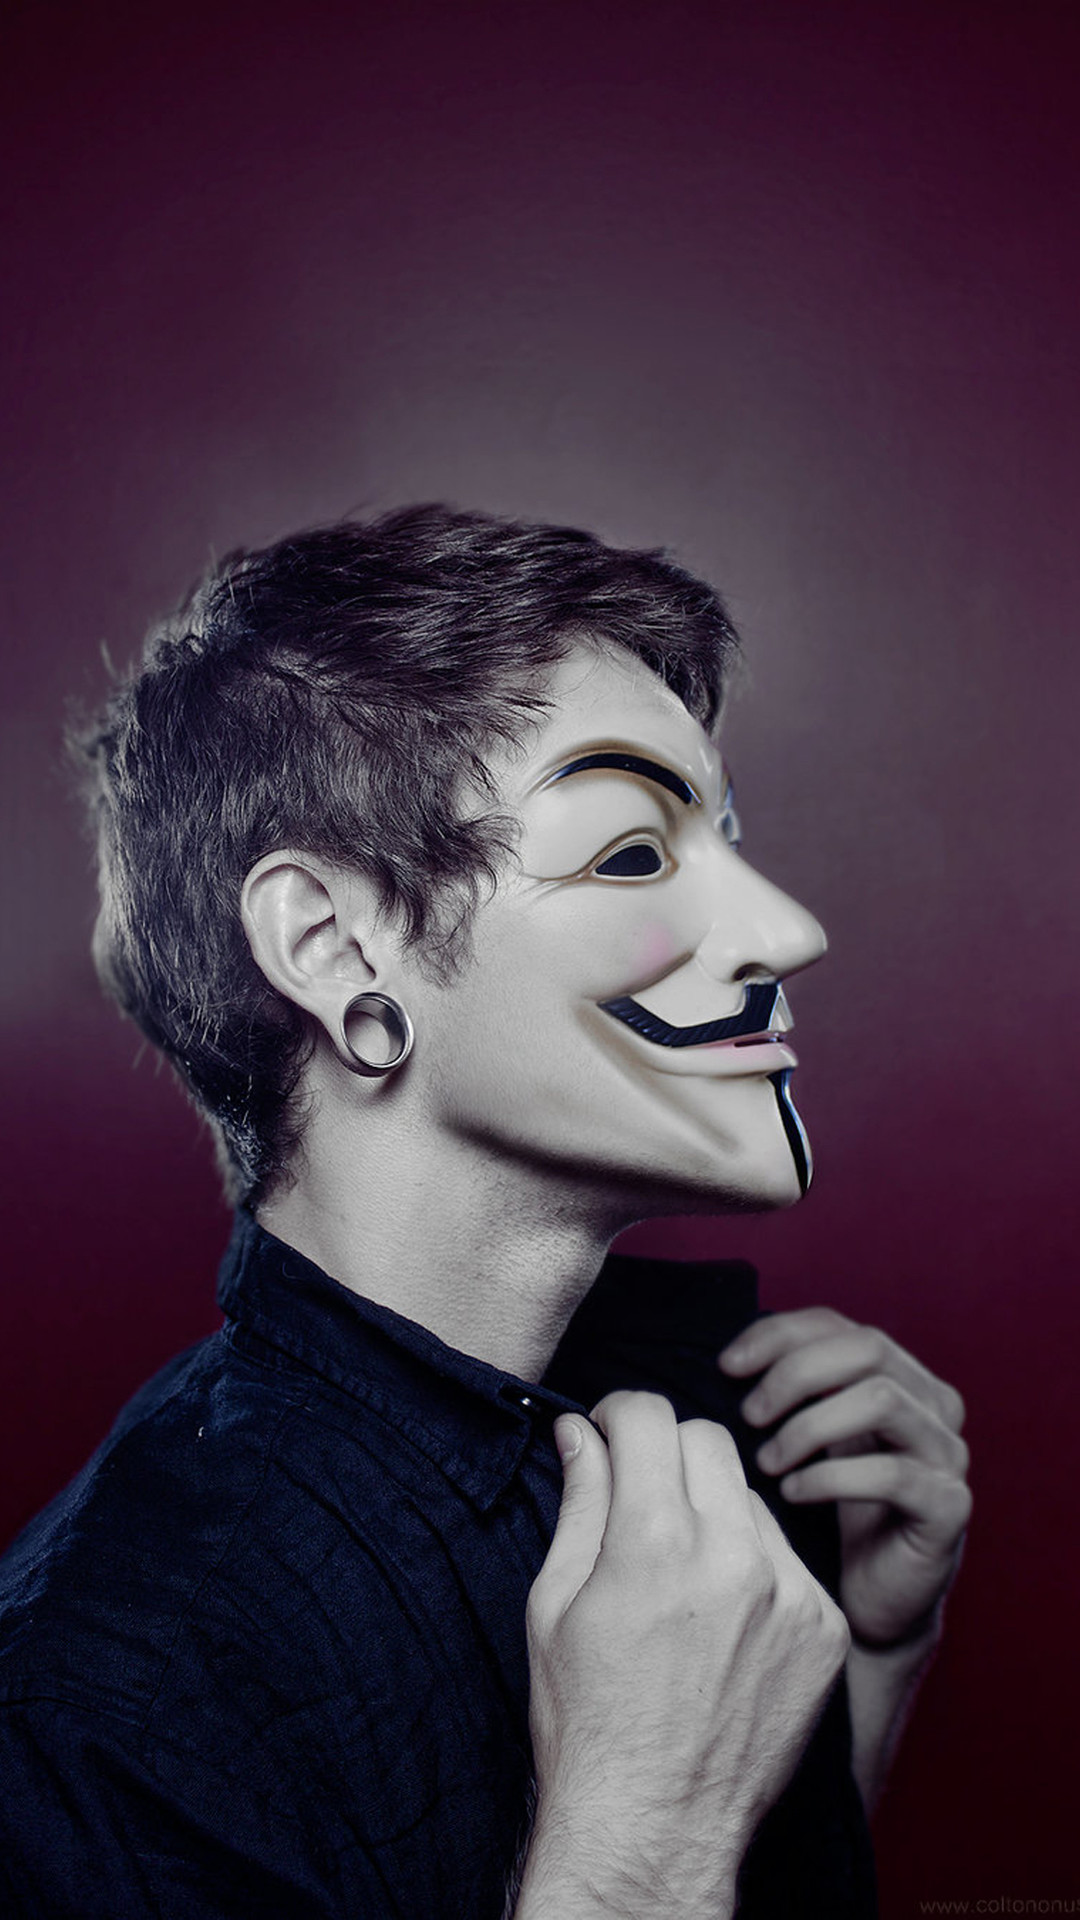 Description: V for Vendetta hd wallpaper free download.